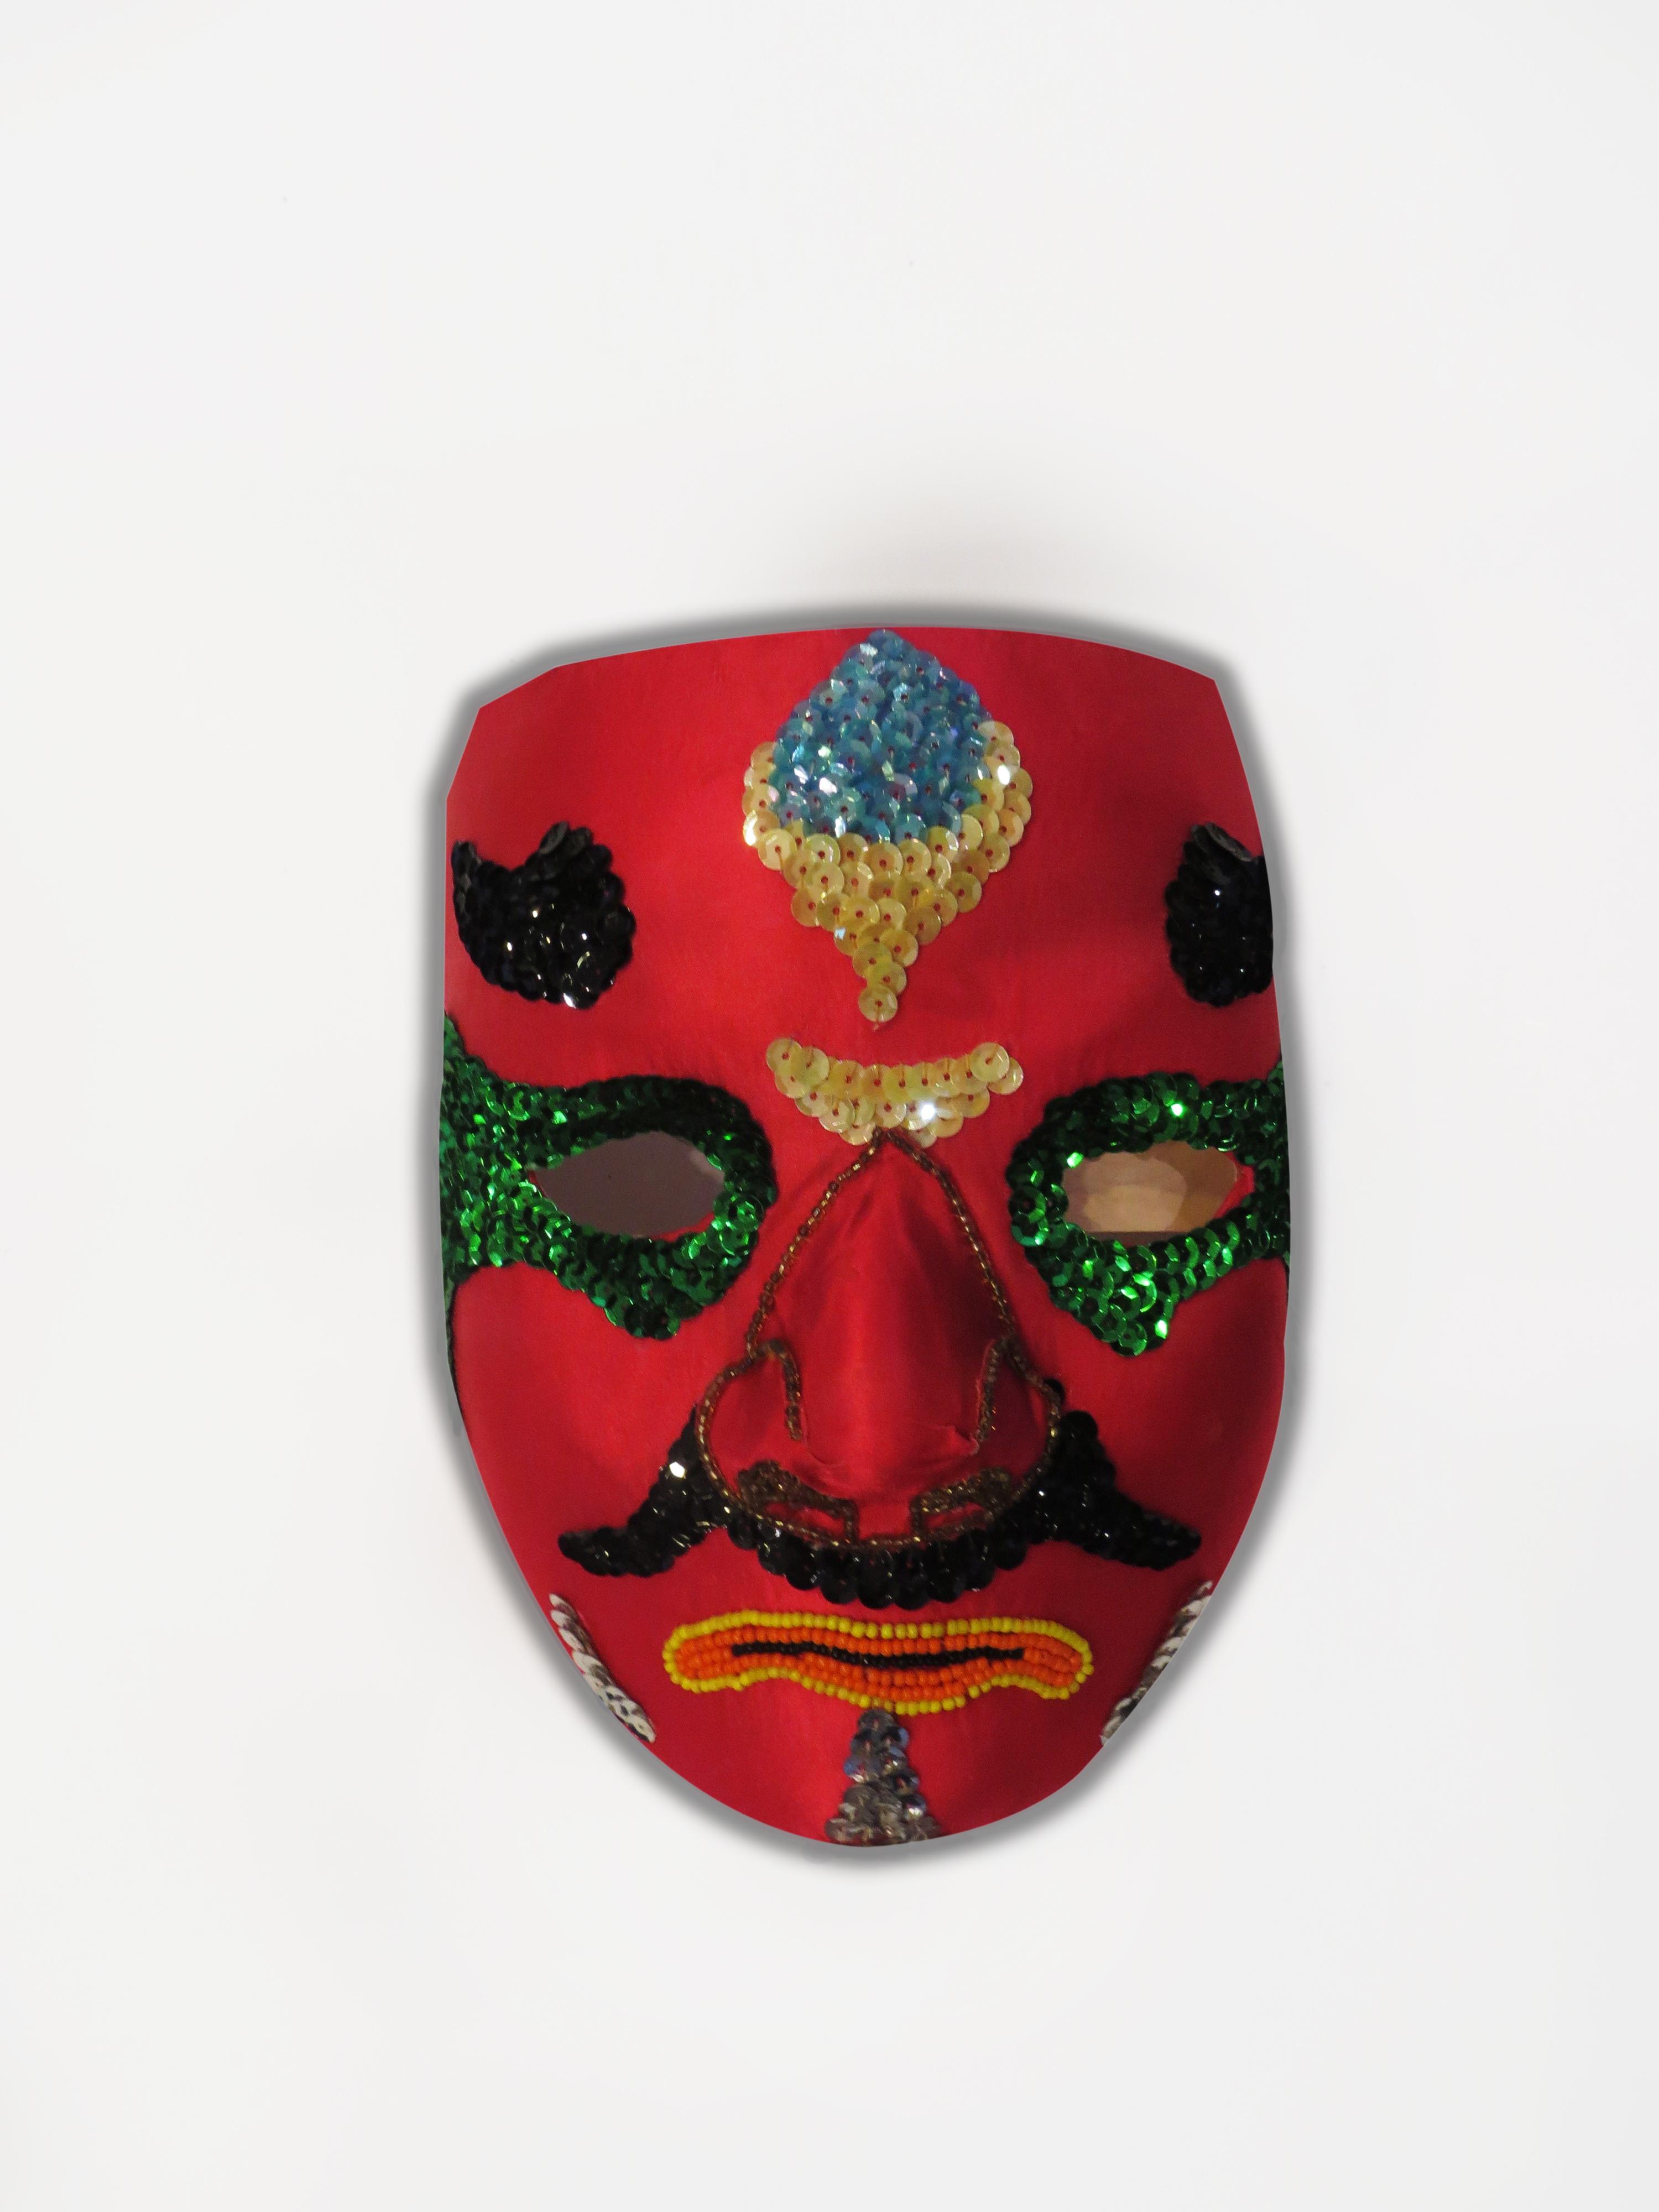 Canadian Society Of Decorative Arts